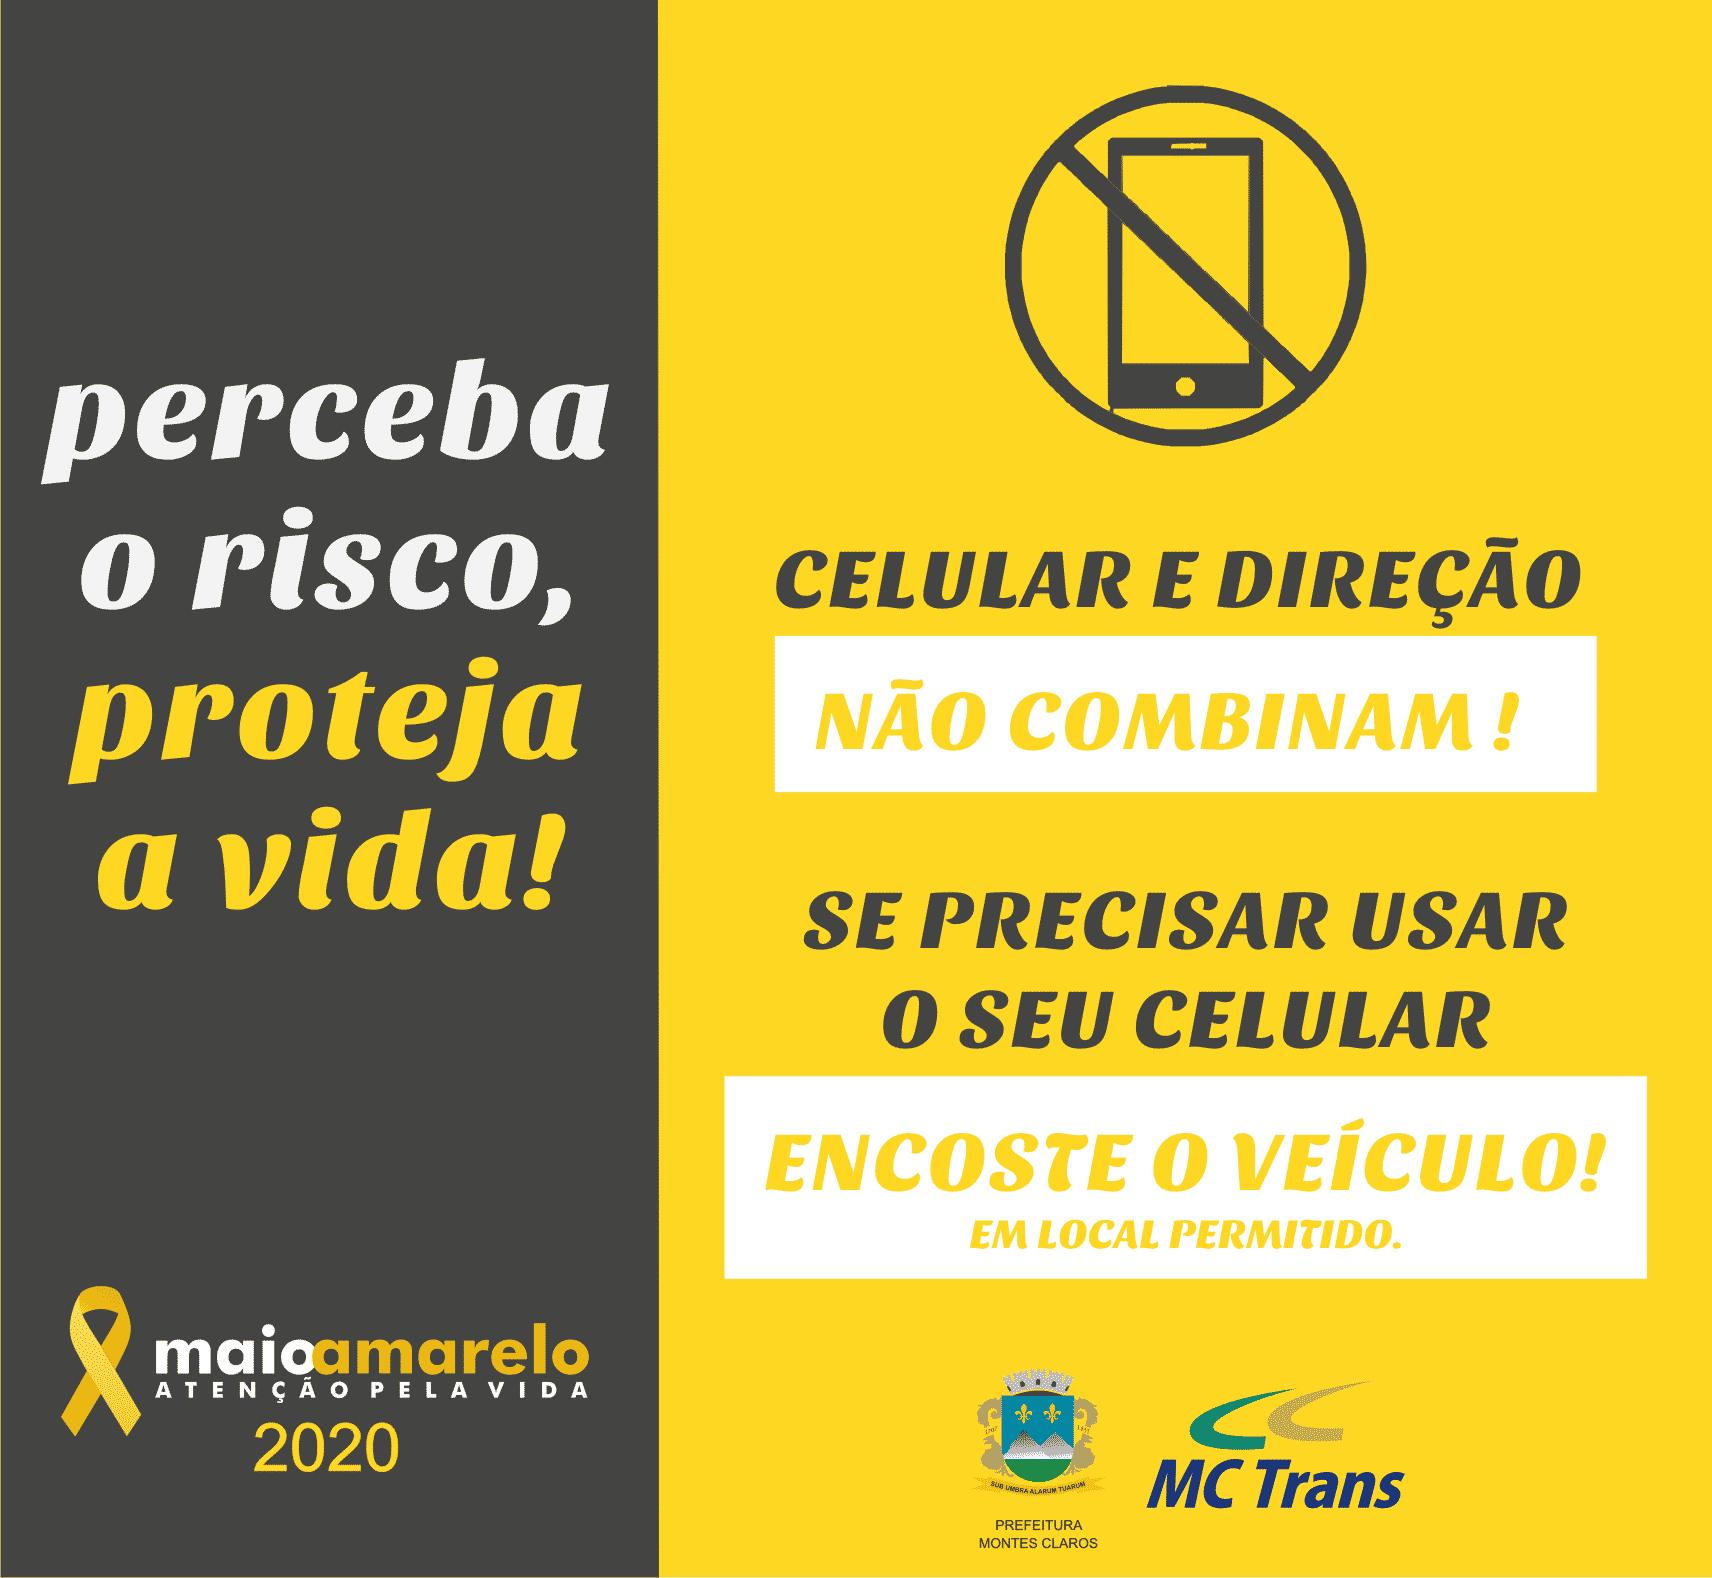 Montes Claros - MCTrans realiza campanha de conscientização sobre trânsito seguro